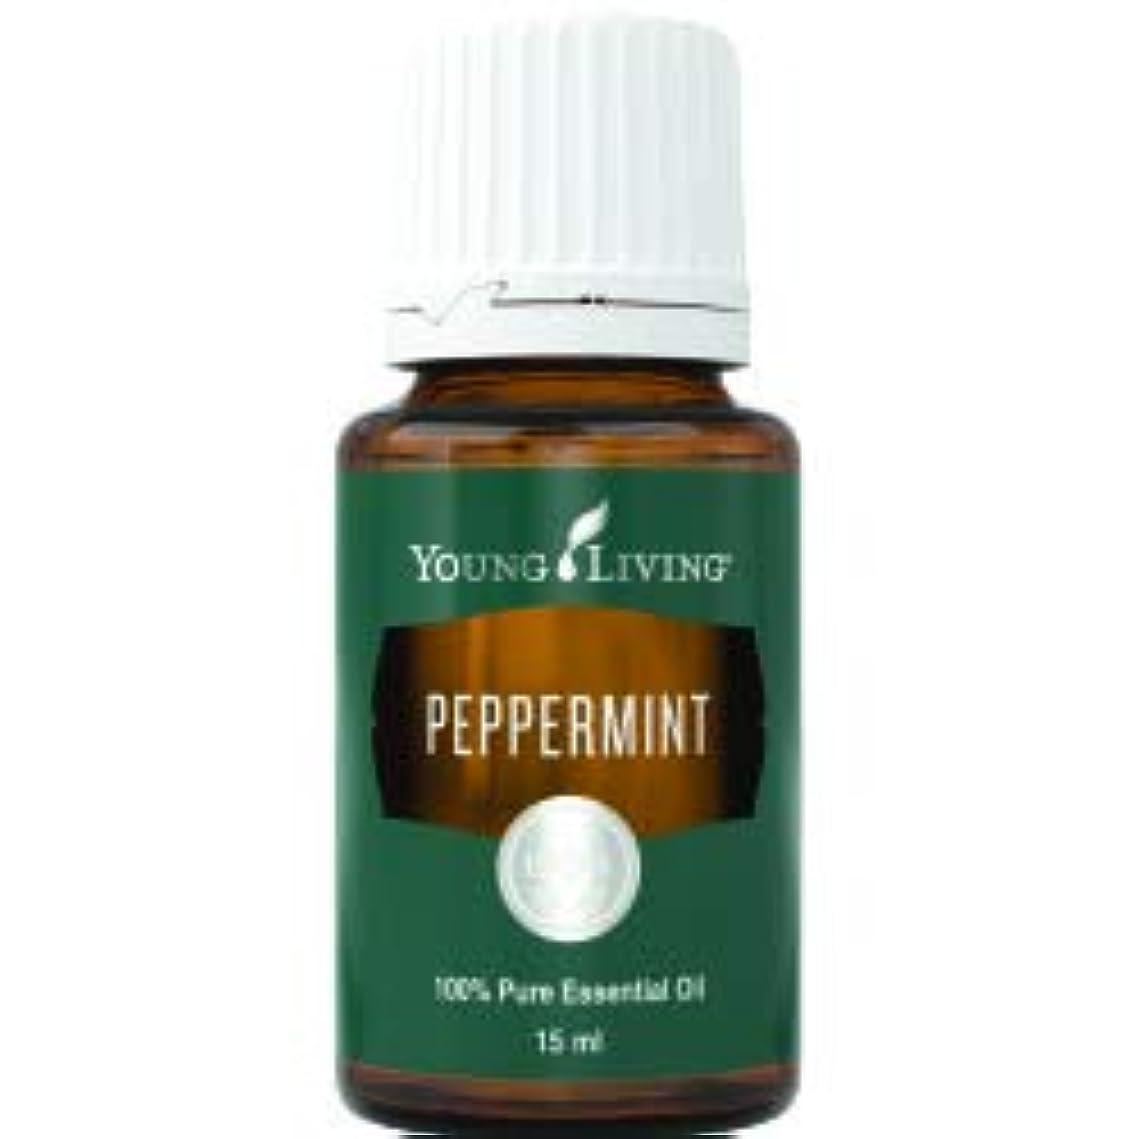 有益頬謝るペパーミントエッセンシャルオイル15ml by Young Livingエッセンシャルオイルマレーシア Peppermint Essential Oil 15ml by Young Living Essential Oil...